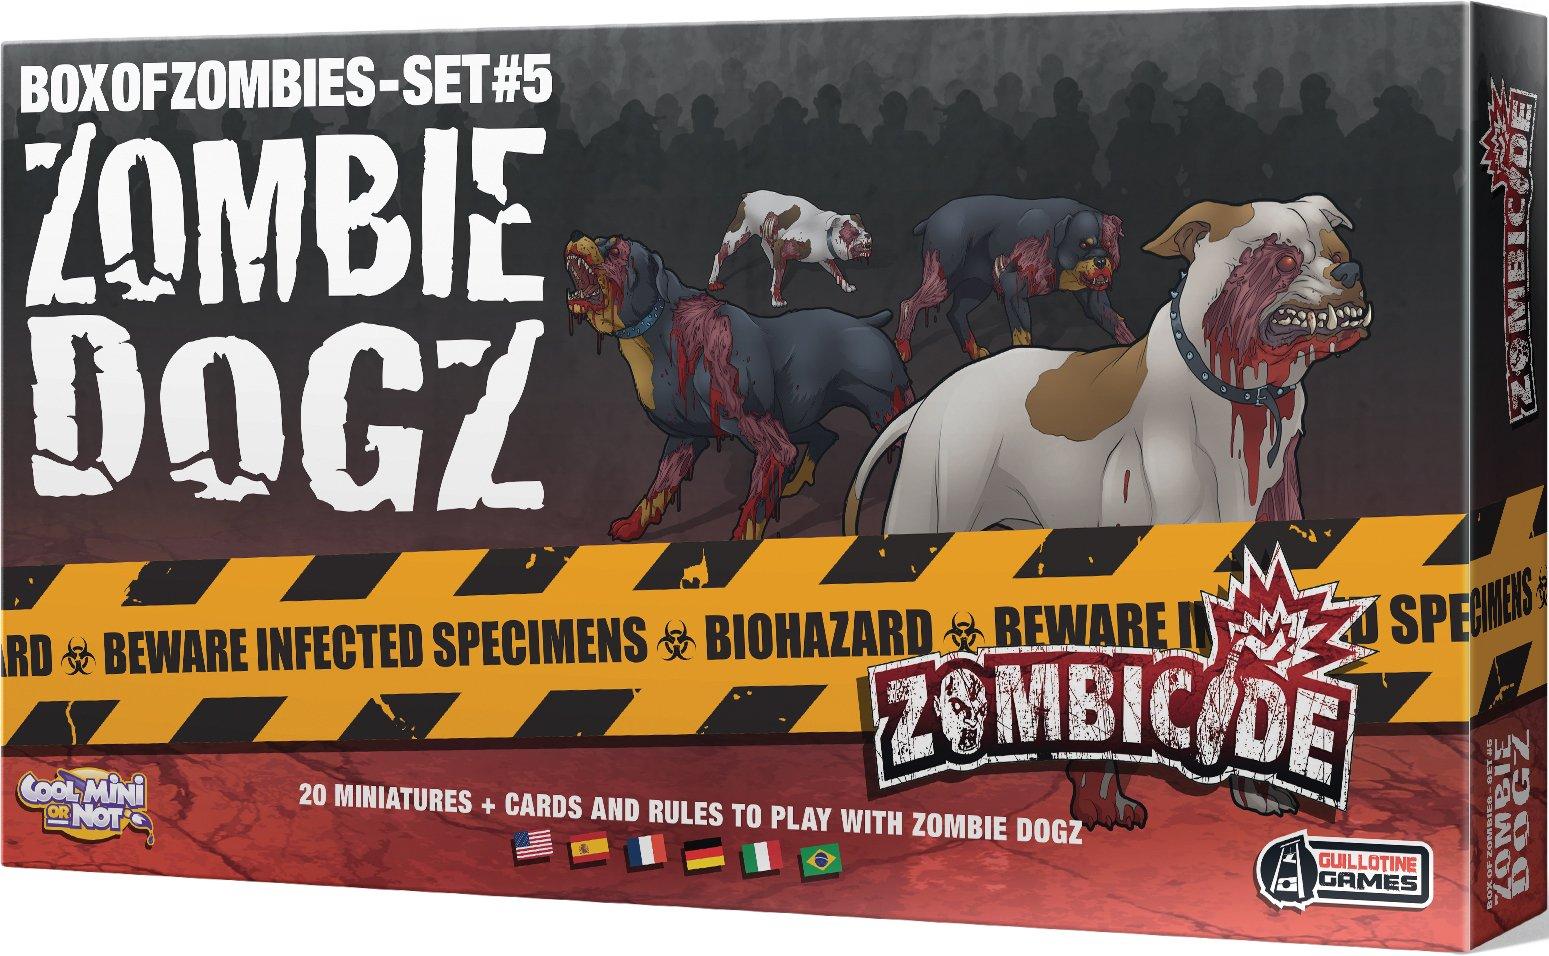 Desconocido Zombicide Box of Zombies: Zombie Dogz Set #5 - Juego de Mesa, para 6 Jugadores (CoolMiniOrNotInc. GUG0019) (Importado): Amazon.es: Juguetes y juegos